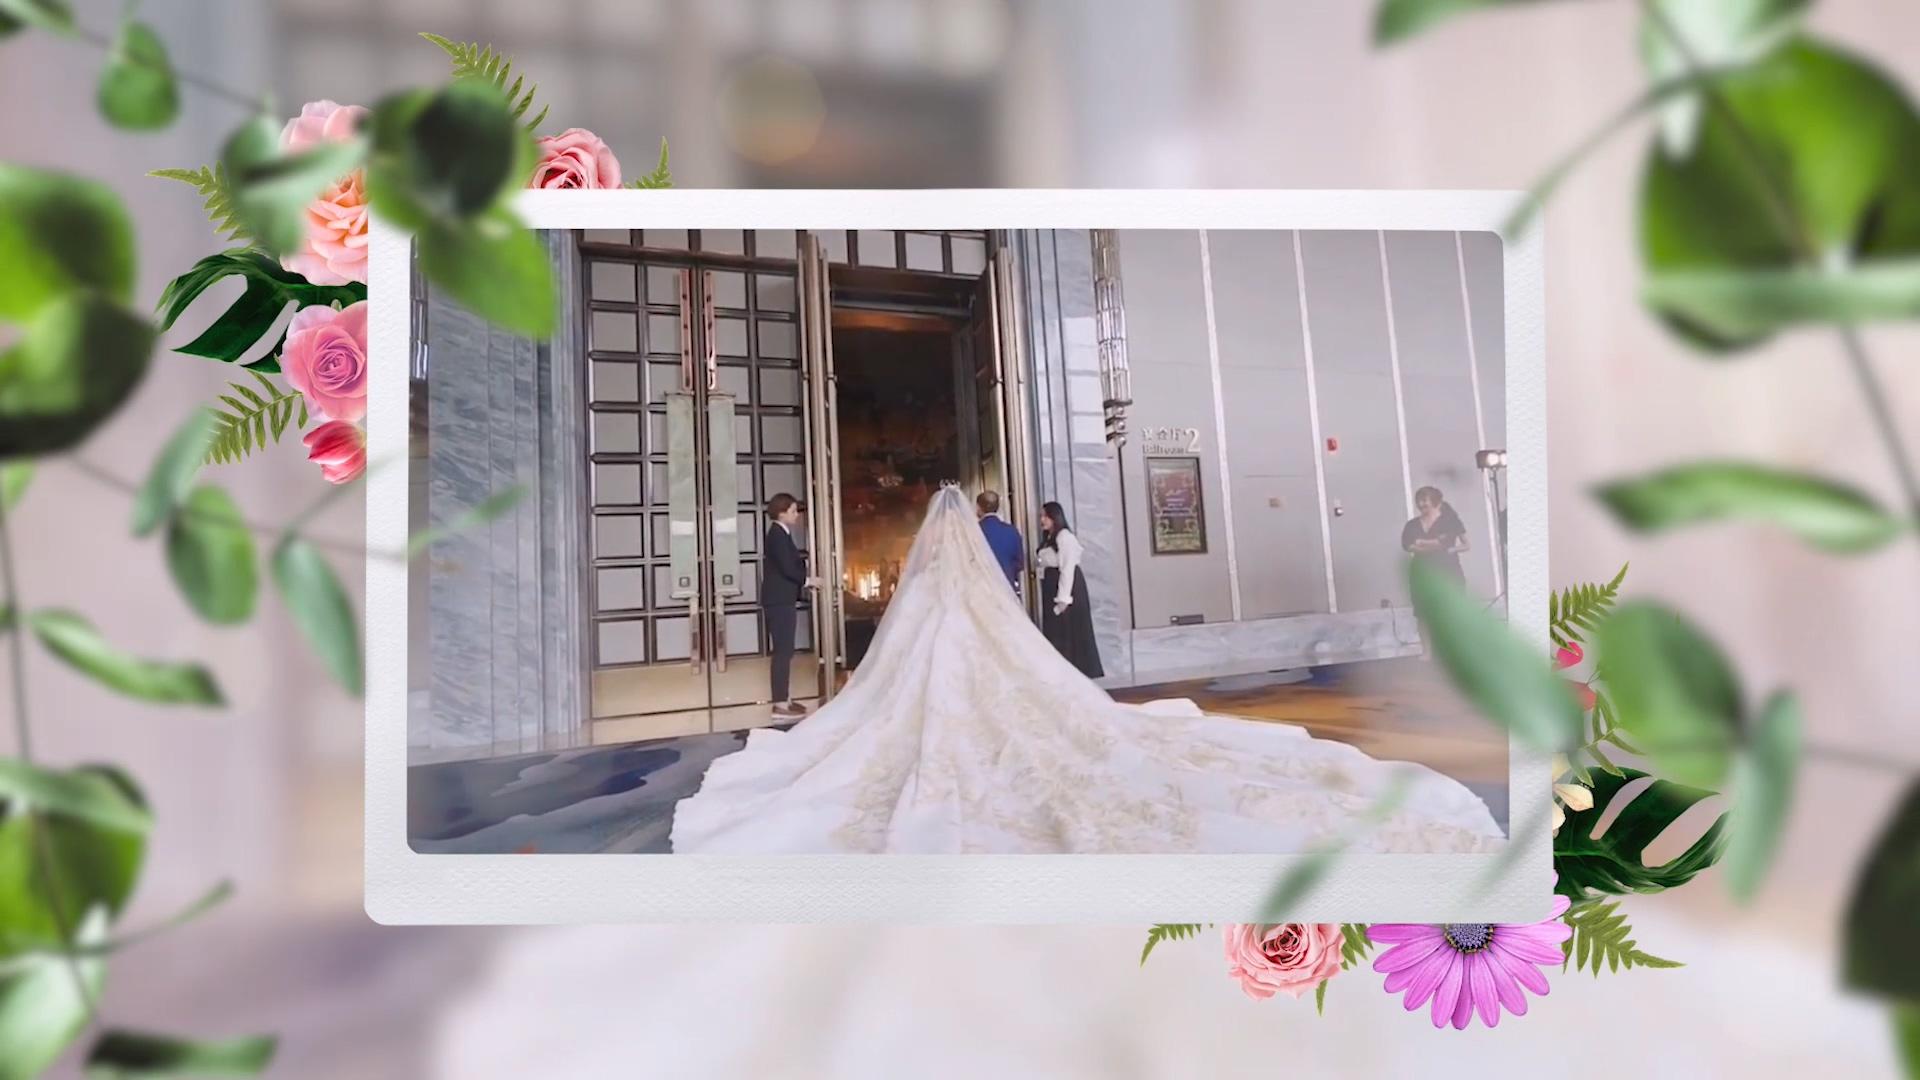 婚礼红花配绿叶PR模板